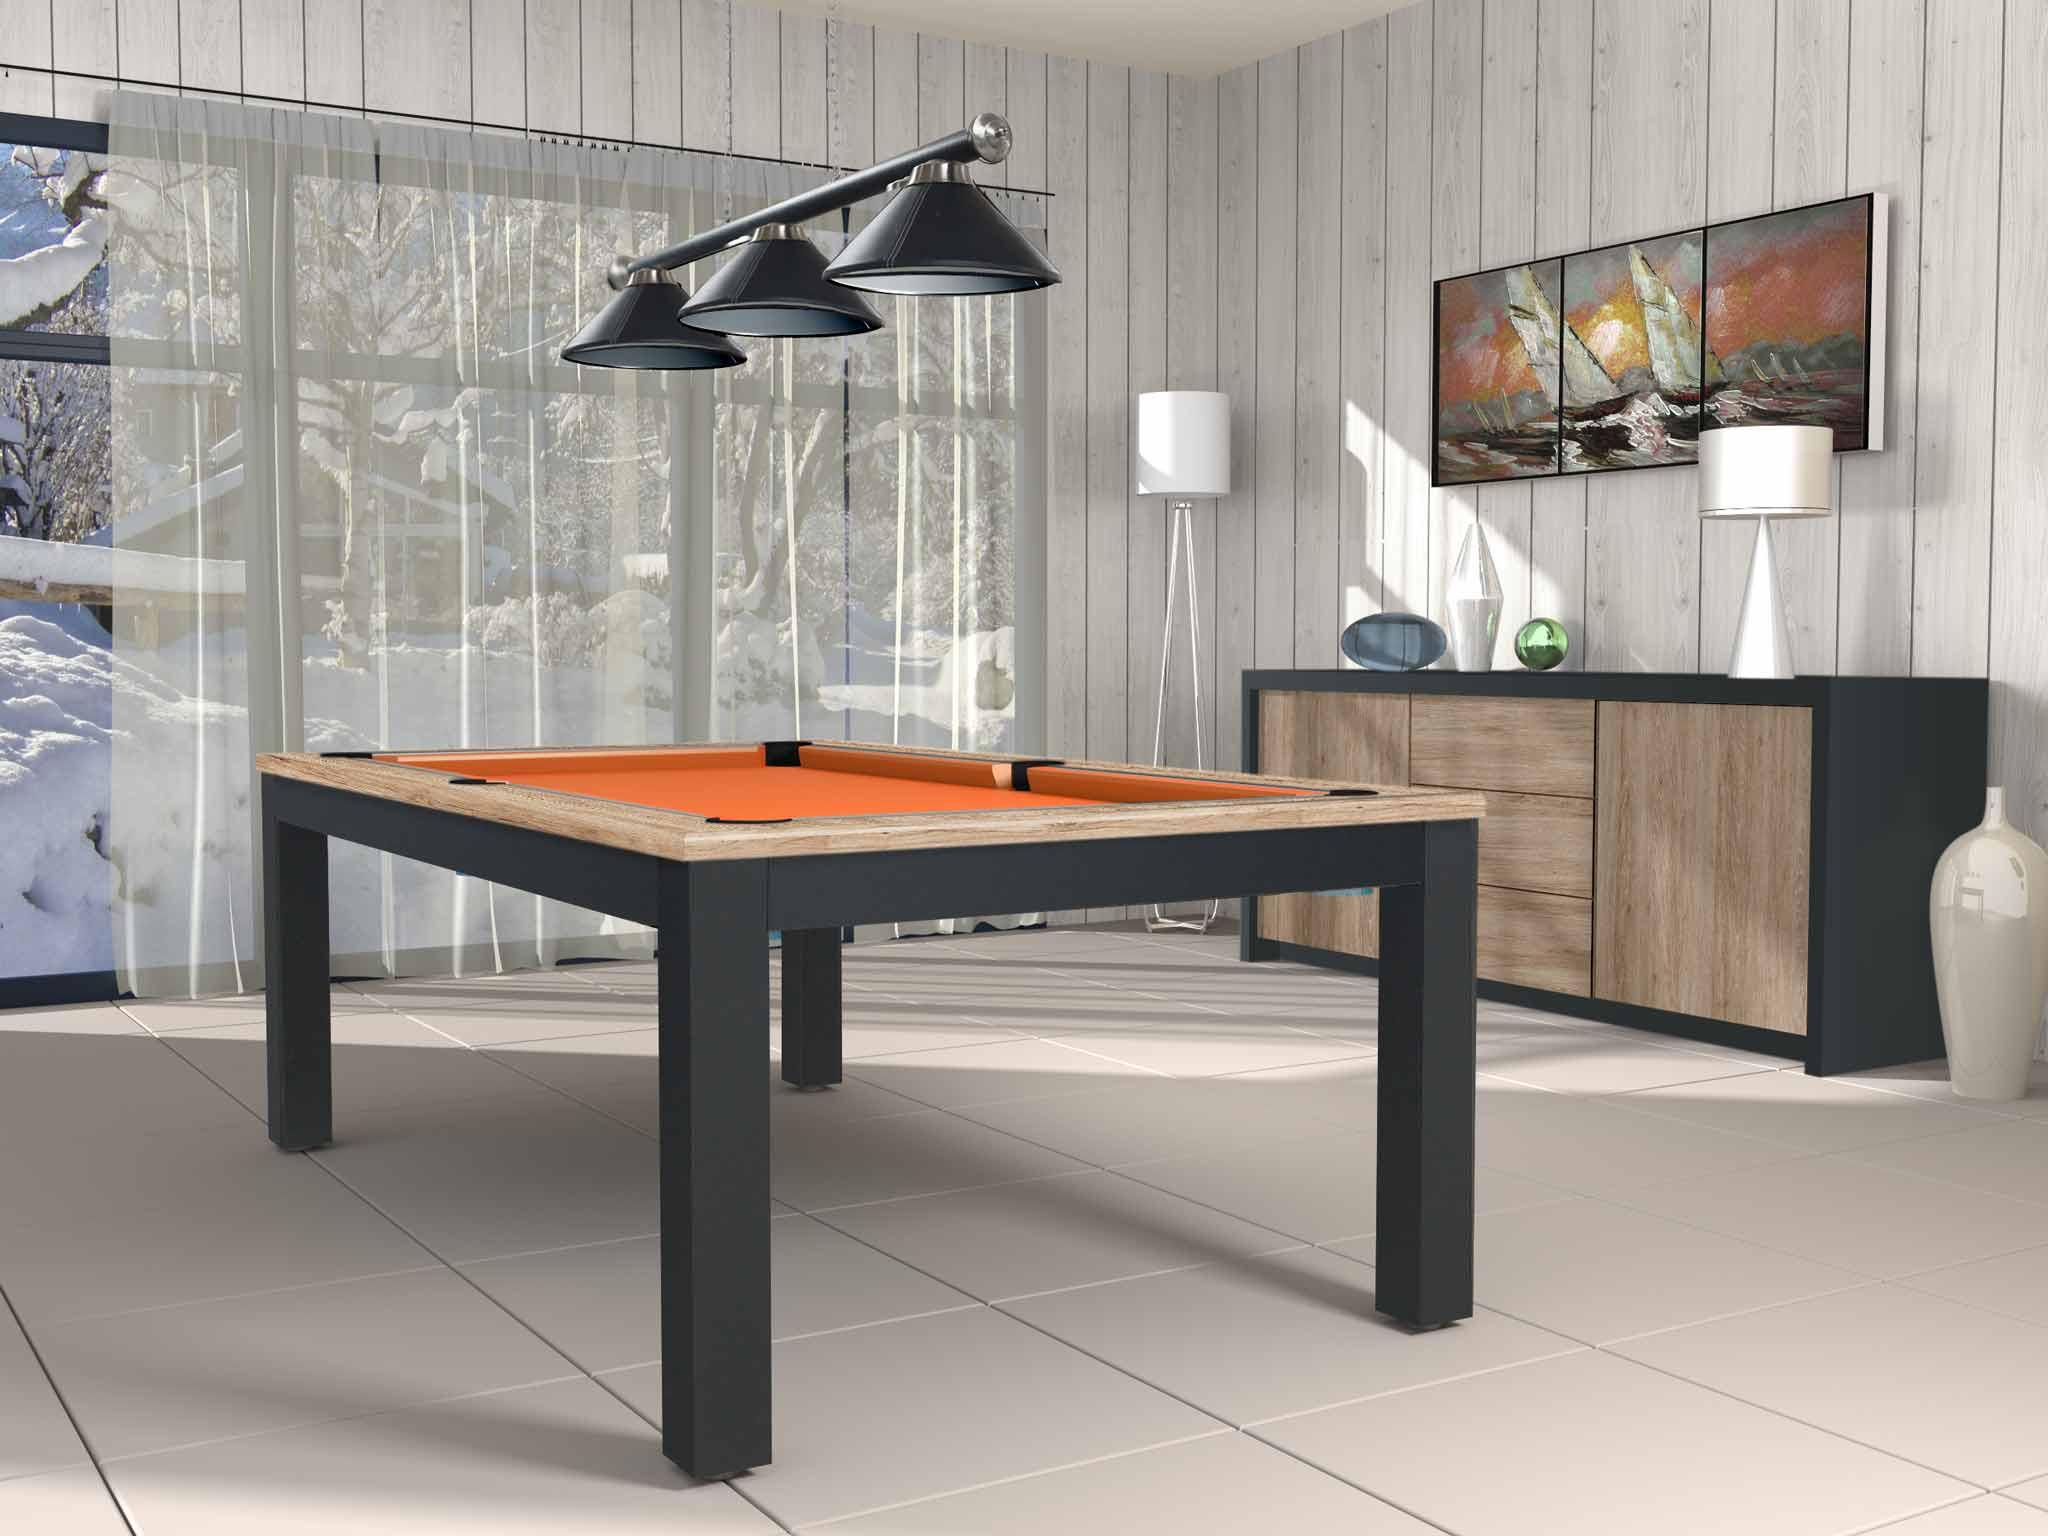 Billard TRENDY finition bicolore chêne  éclairci veiné et noir mat,  avec tissu jeu orange  américain ou pool